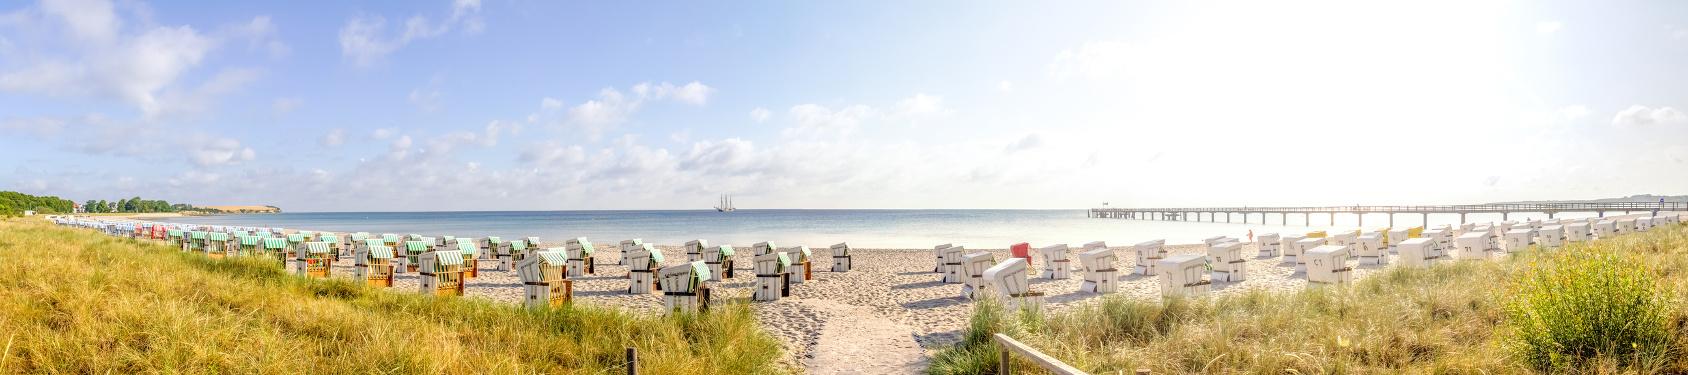 Bild von Mecklenburg-Vorpommern